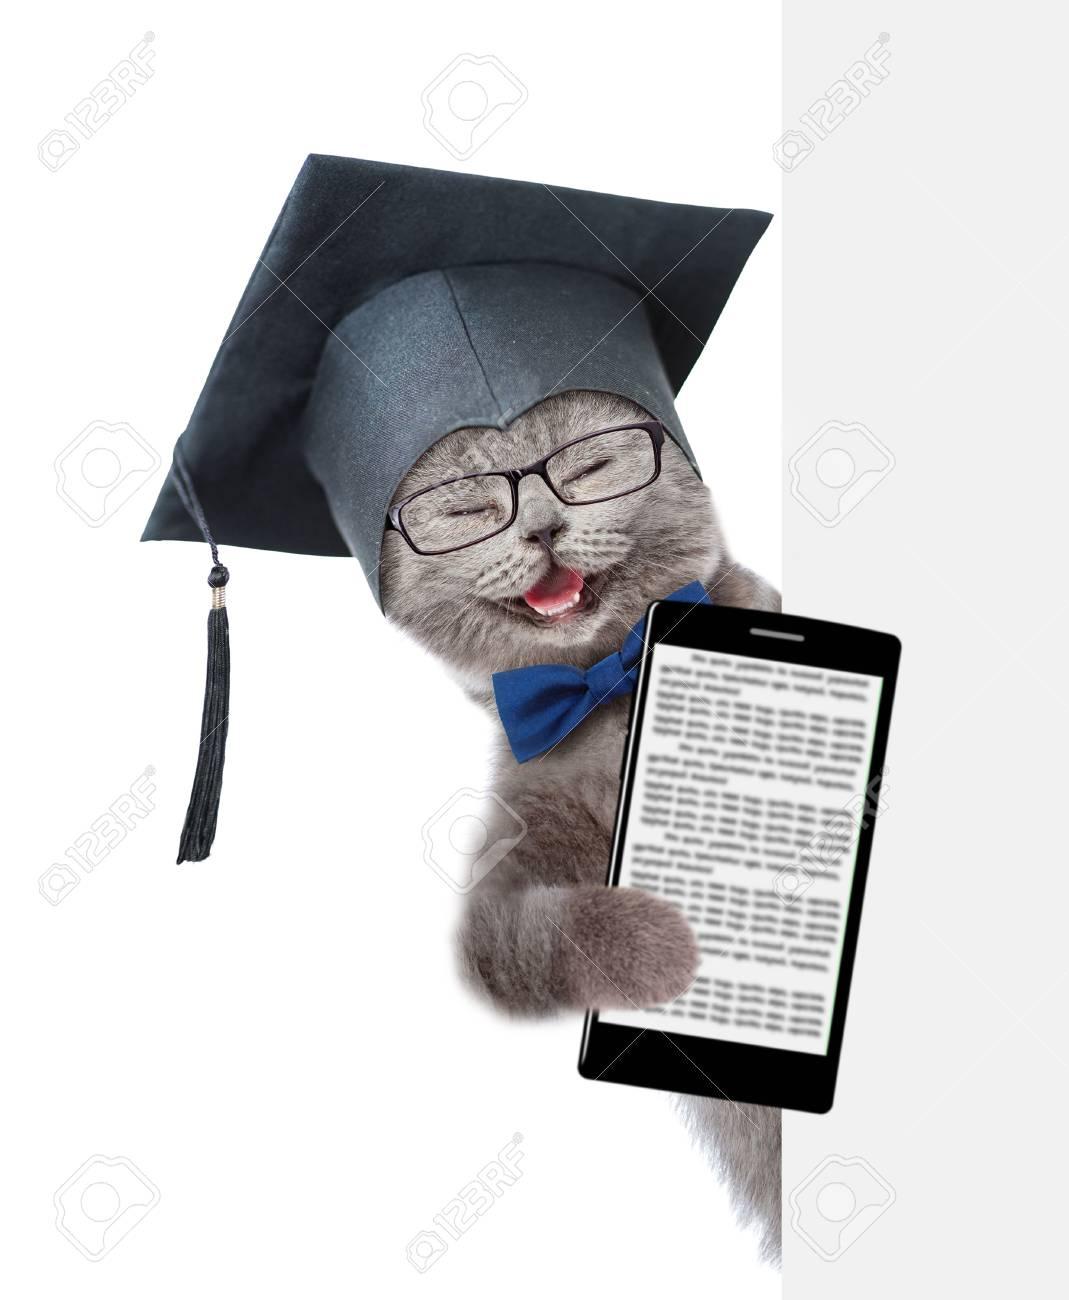 Katze Mit Schwarzem Abschlusshut Und Mit Dem Smartphone Der Hinter